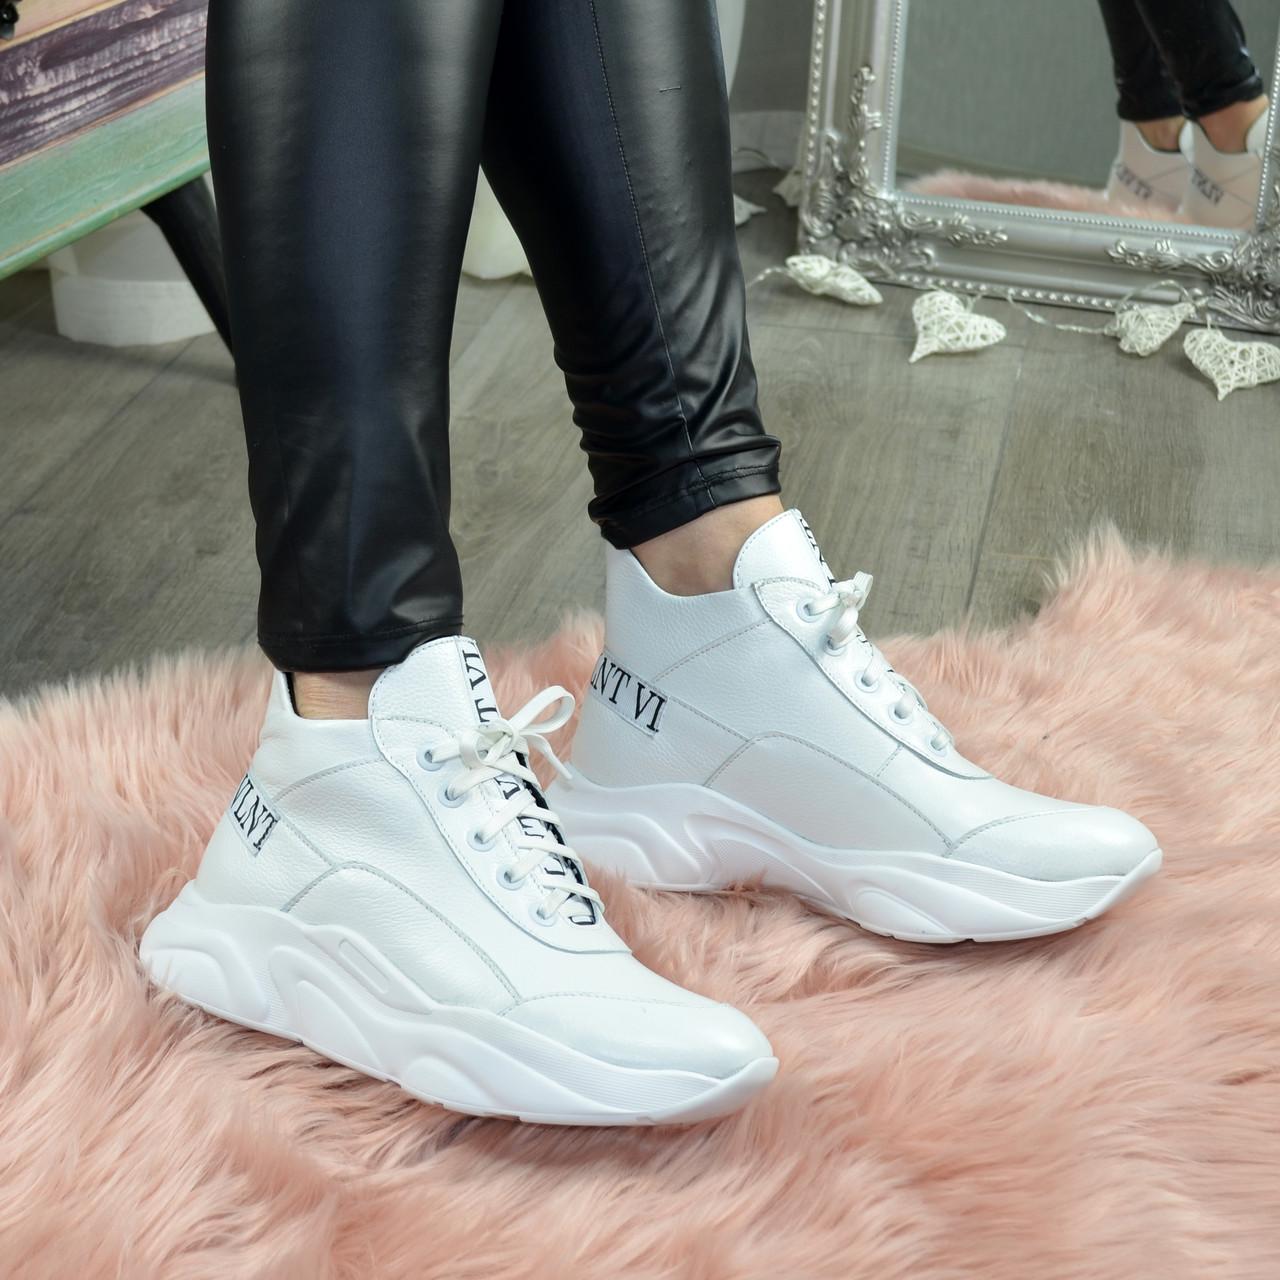 Ботинки женские зимние кожаные на шнурках, цвет белый